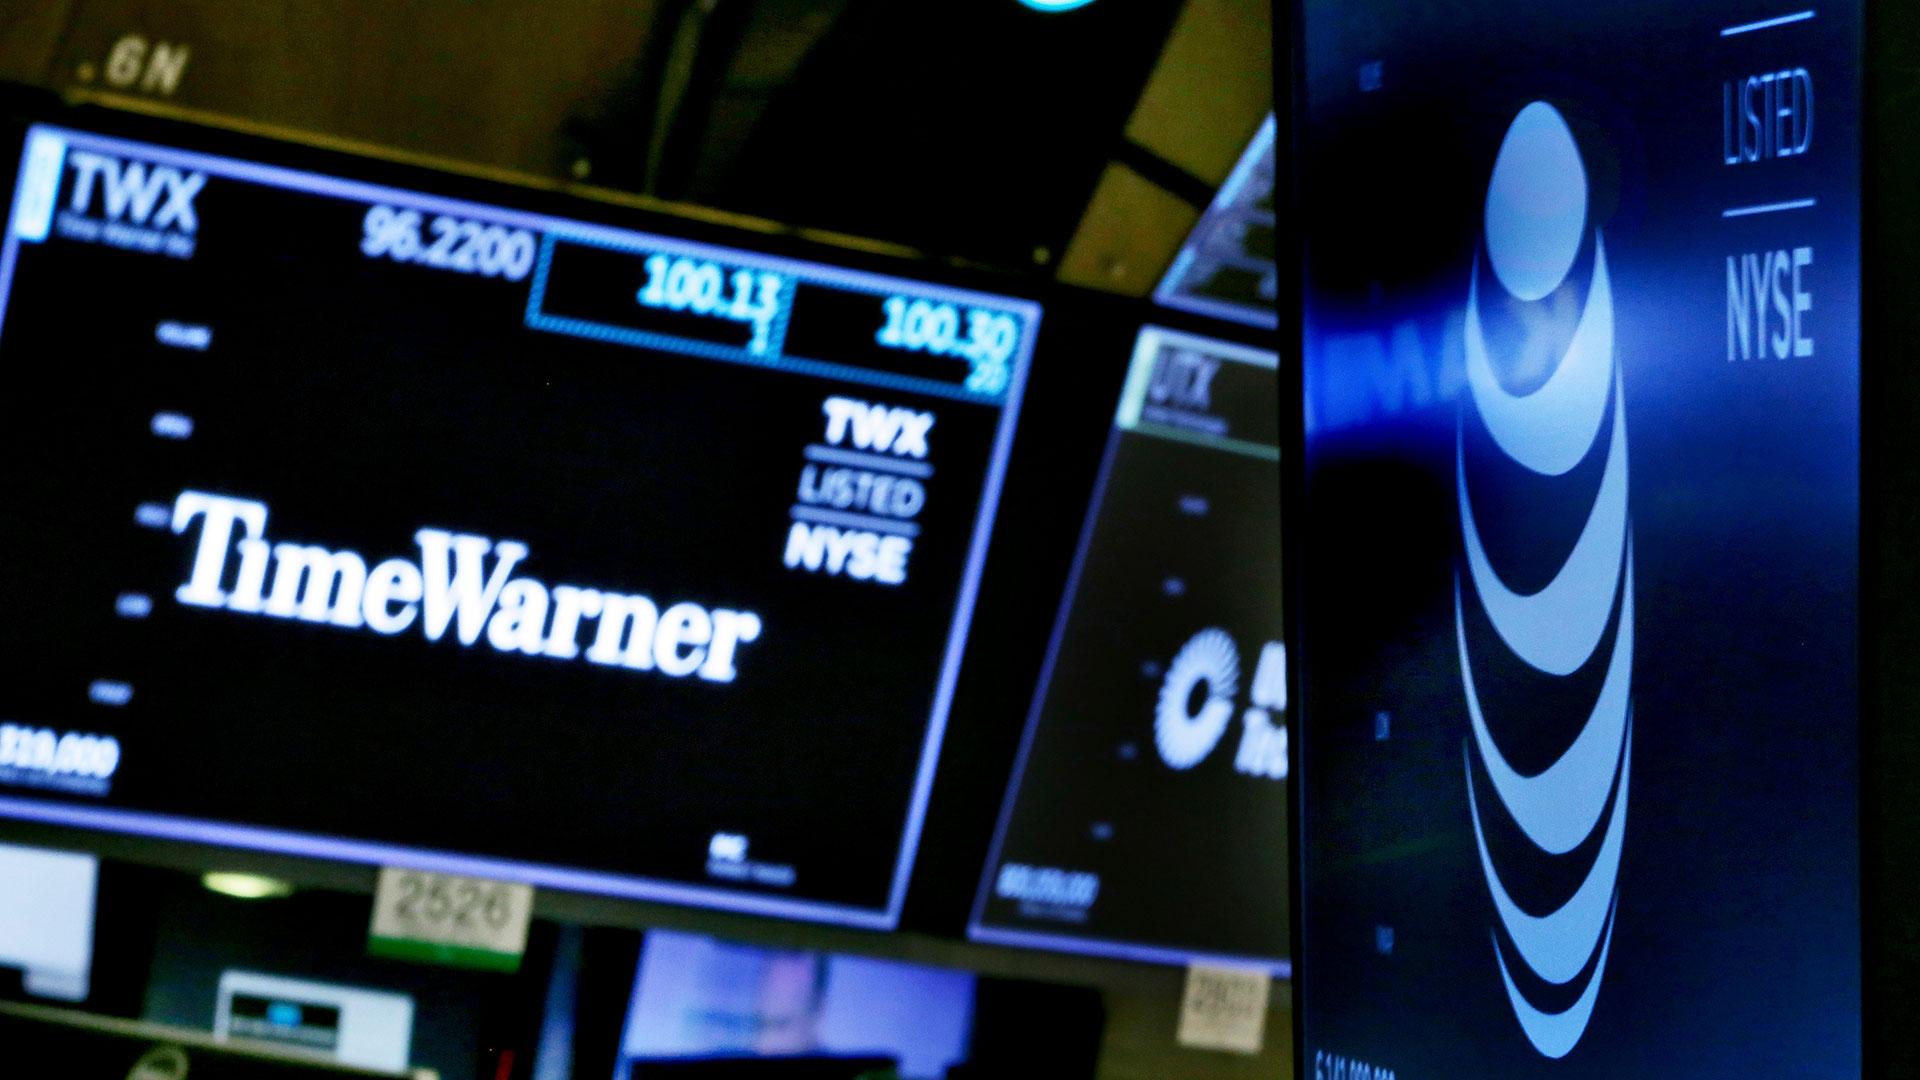 Time Warner es un gran grupo de medios que posee, entre otros, a la cadena HBO, los estudios de cine Warner y el canal de noticias CNN